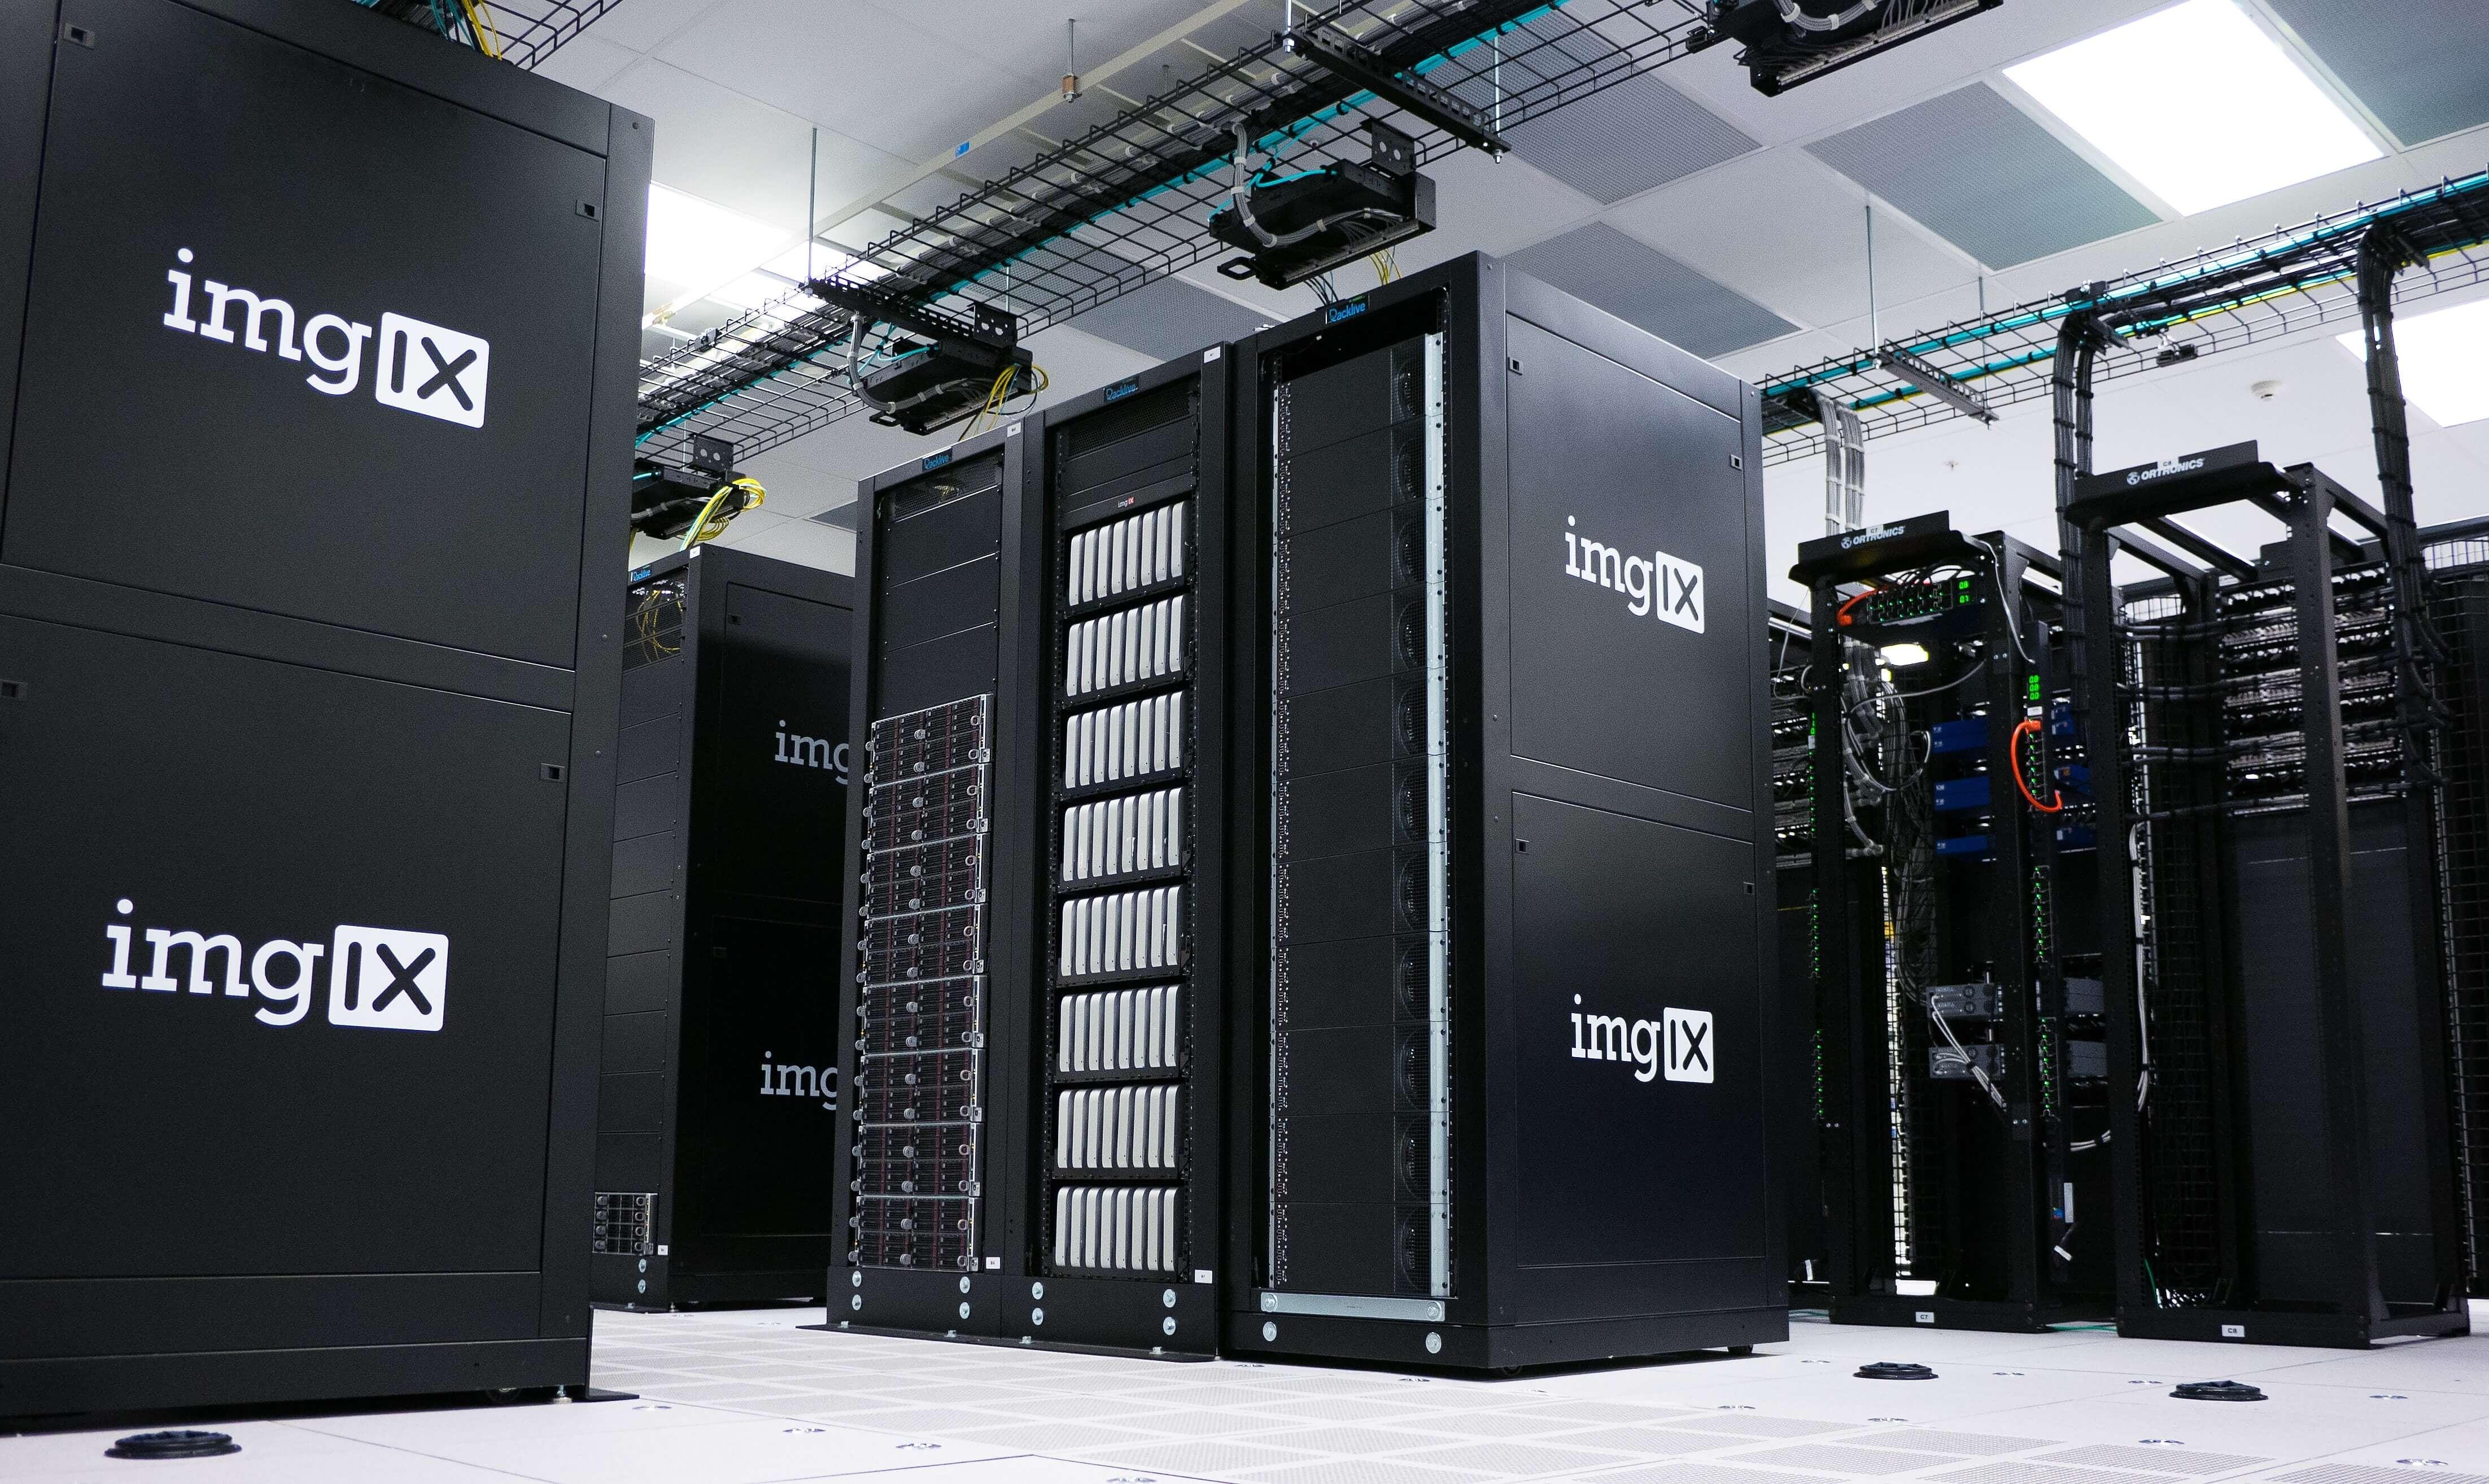 Servers in rack